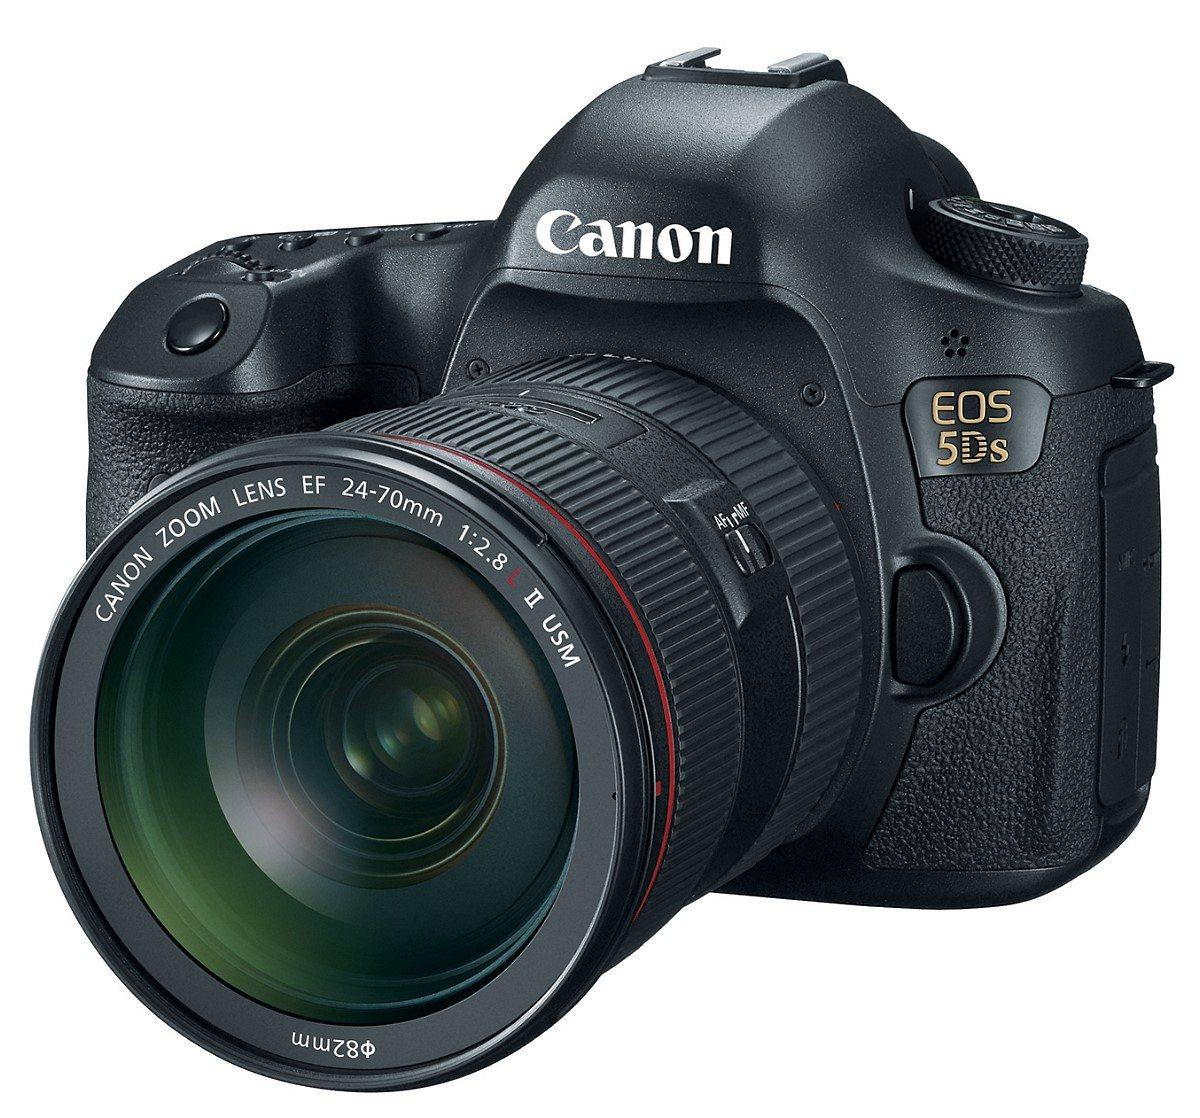 Canon EOS 5DS DSLR